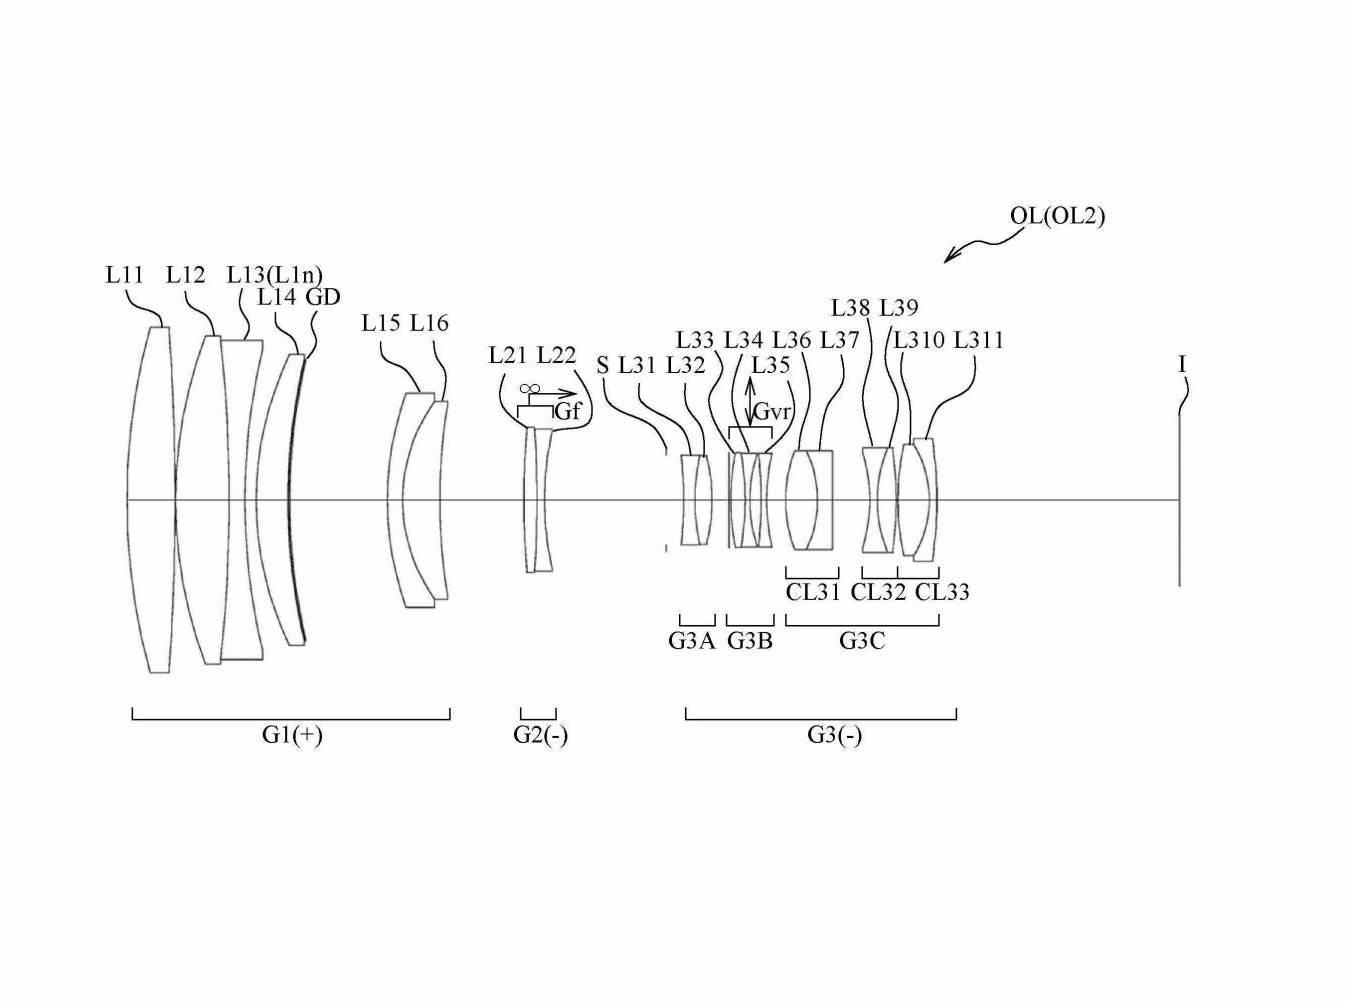 Nikon-500mm-f5.6-lens-patent